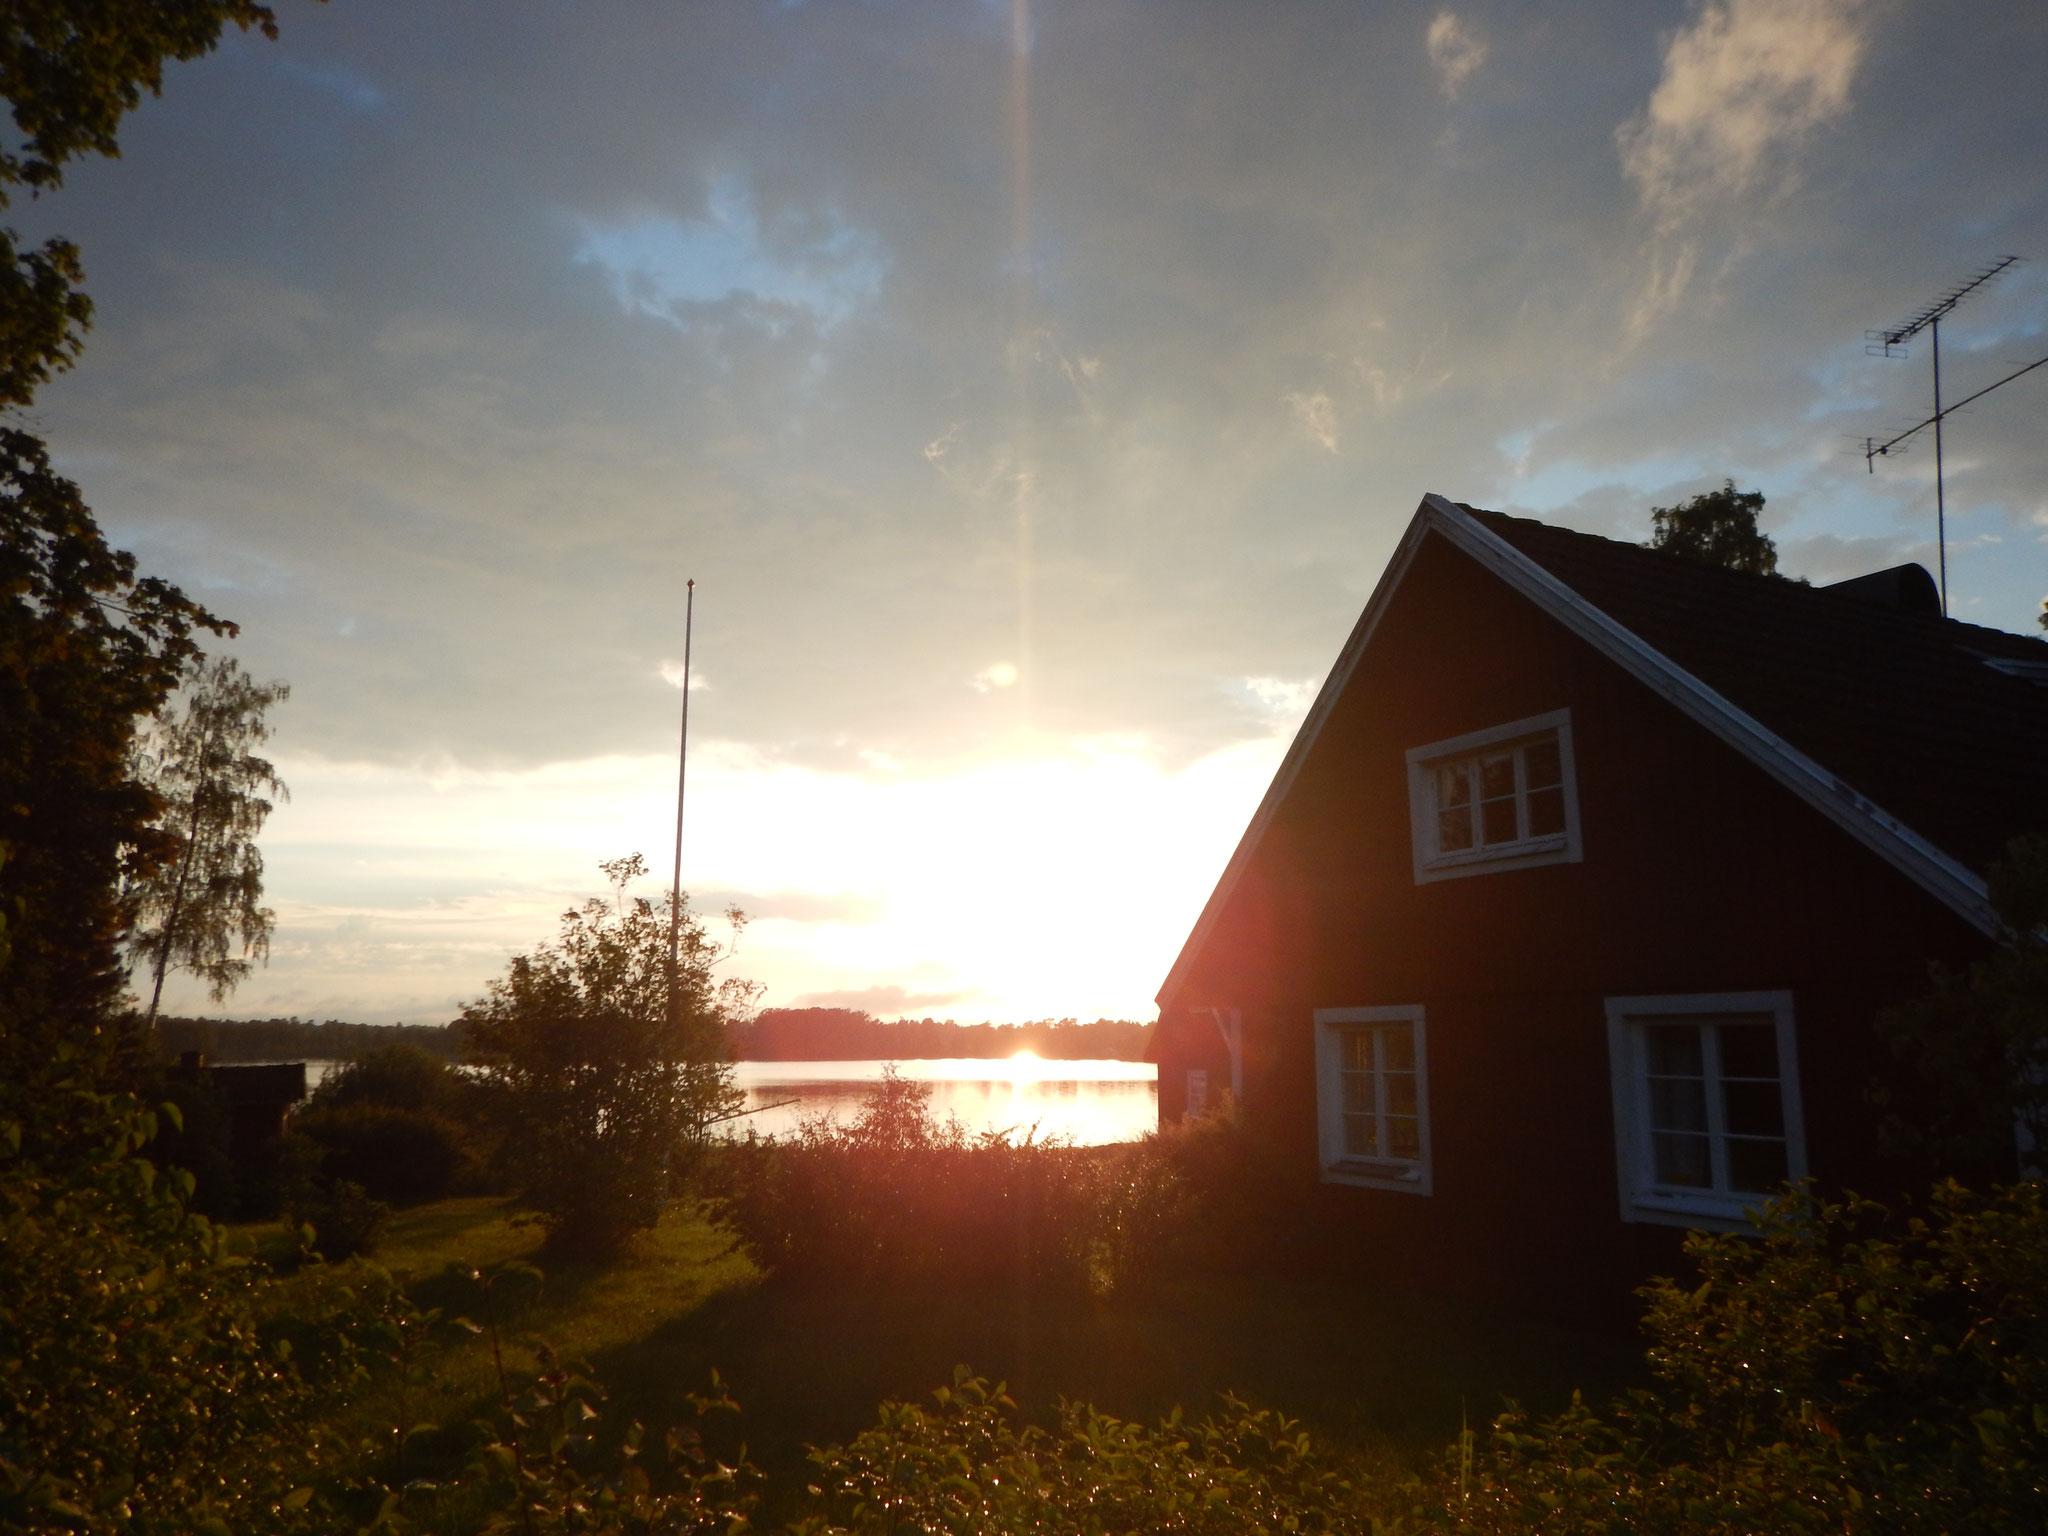 Ich glaube genau das ist der Grund dafür, dass  Menschen nach Schweden fahren...   :-)